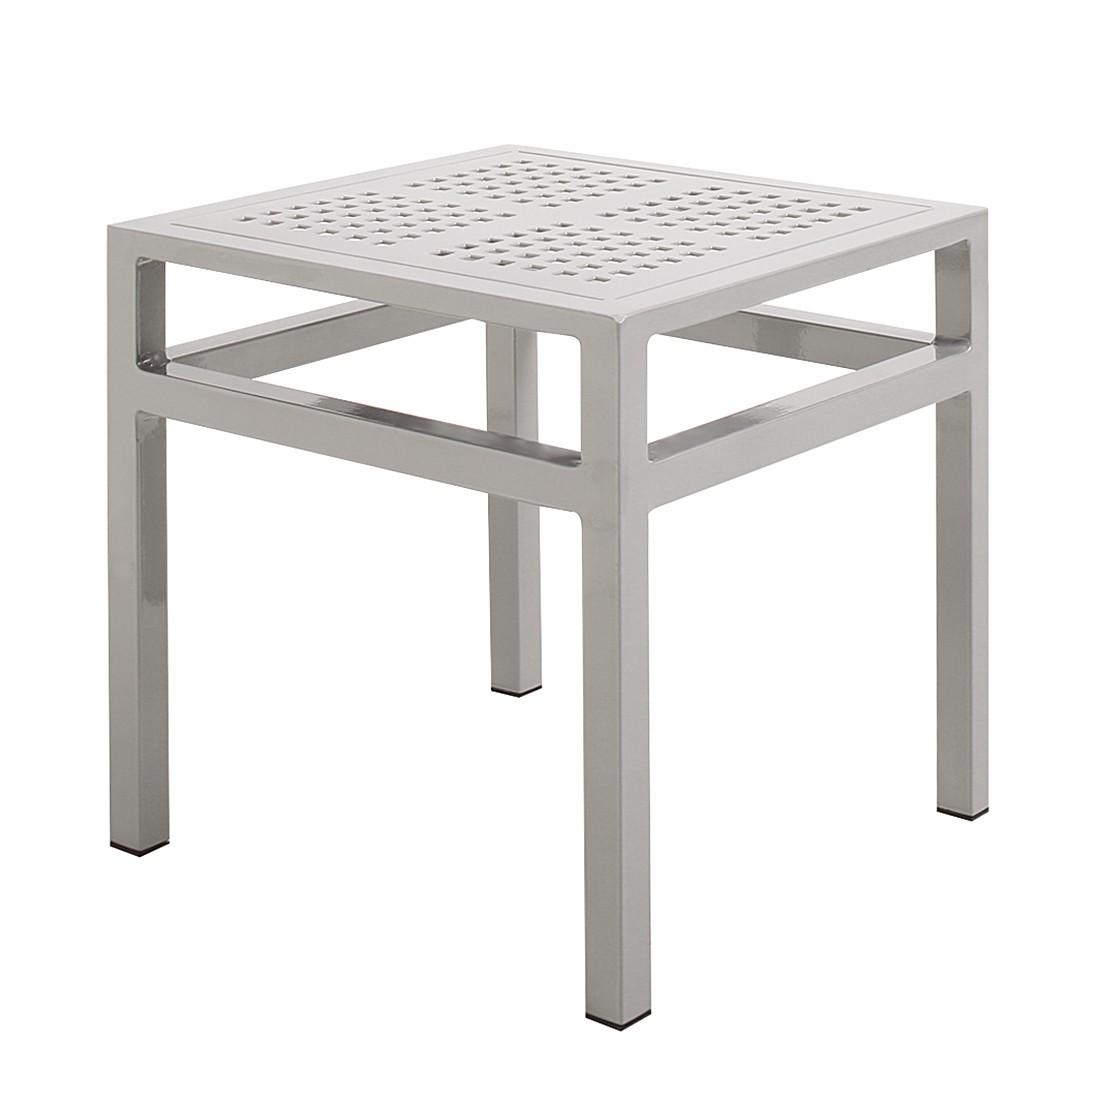 Beistelltisch Pool – Aluminium Silber, Best Freizeitmöbel bestellen